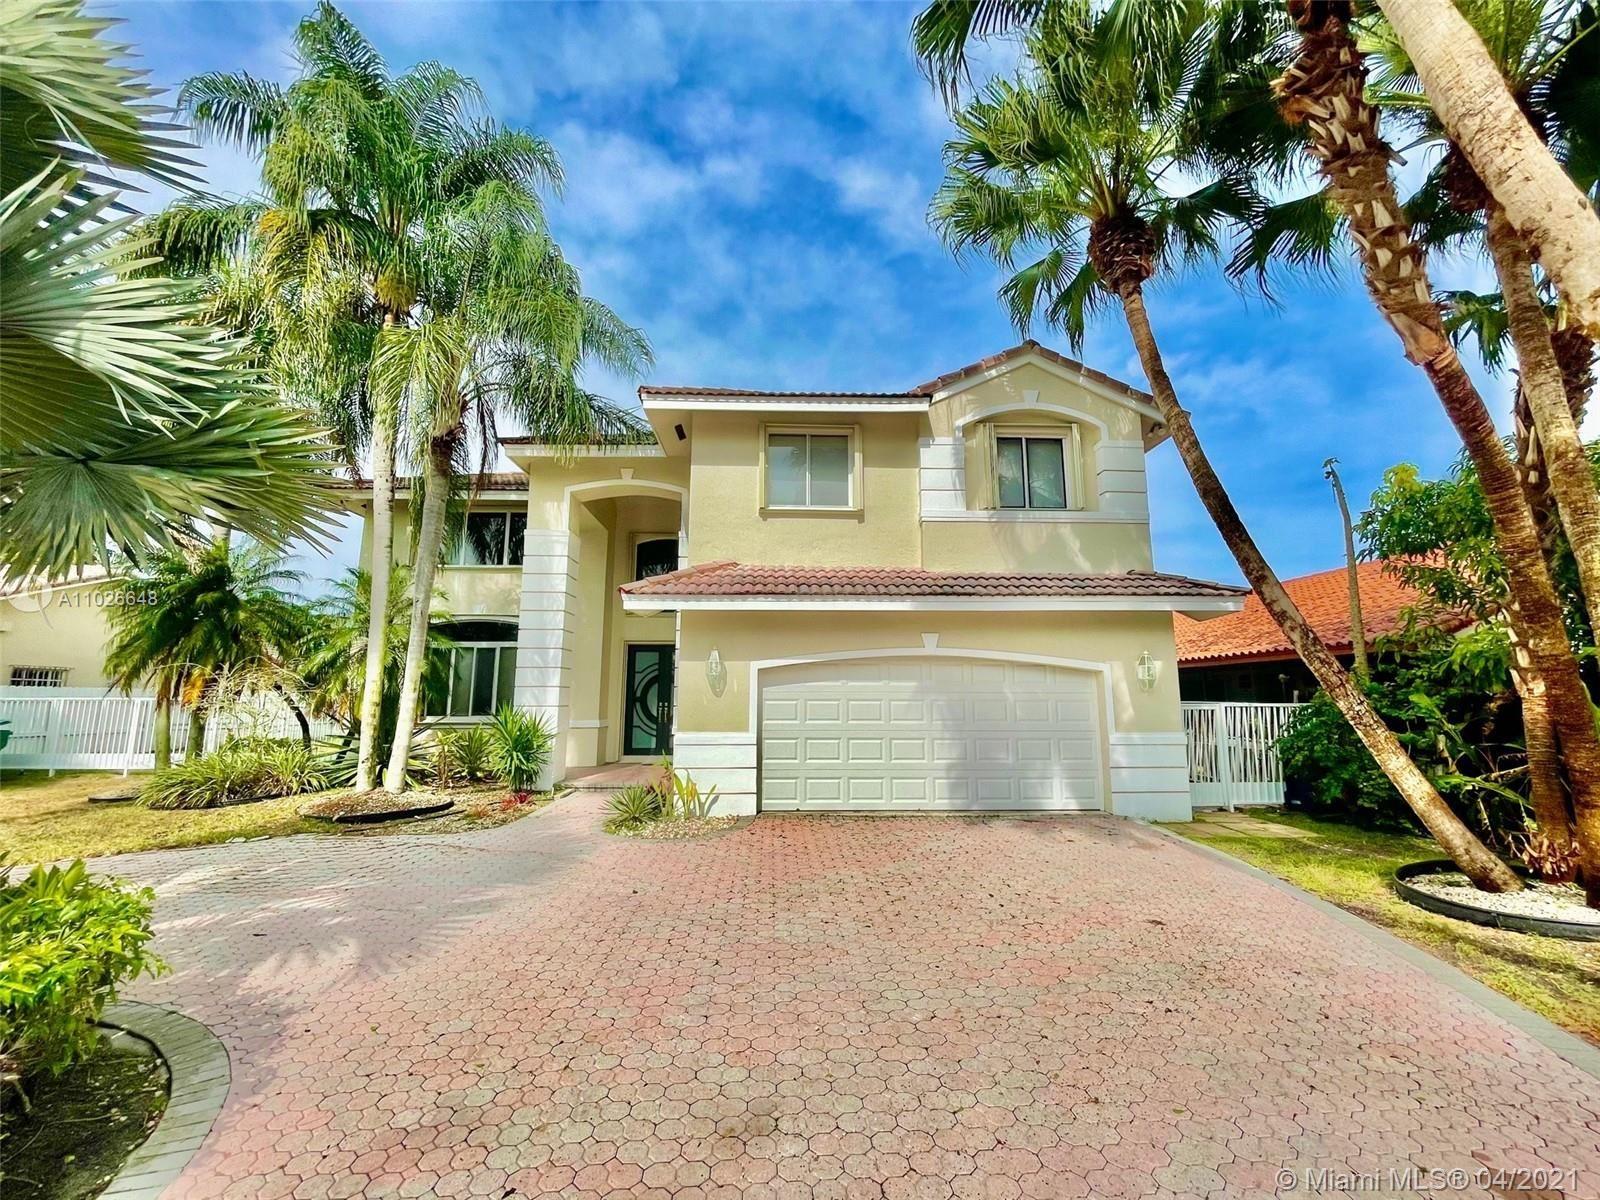 11104 SW 145th Pl, Miami, FL 33186 - #: A11026648